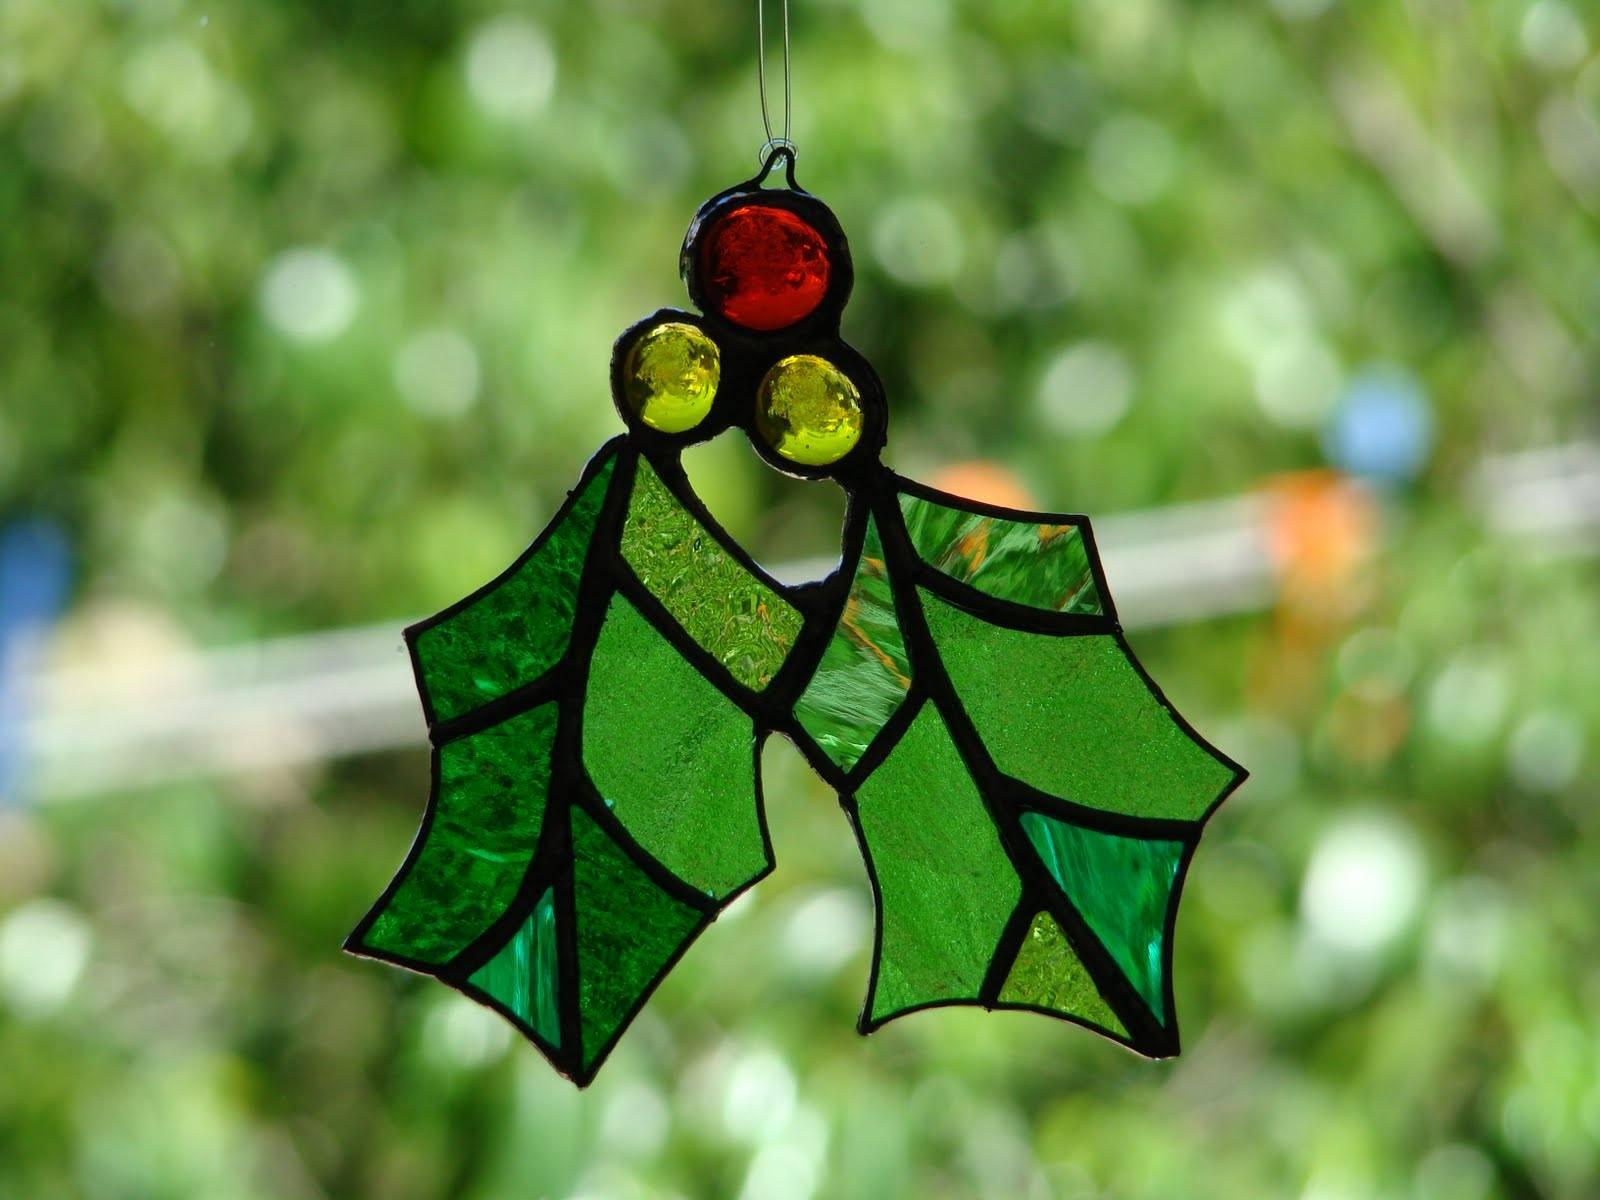 Como hacer adorno vitral para el arbol de navidad - Hacer adornos arbol navidad ...